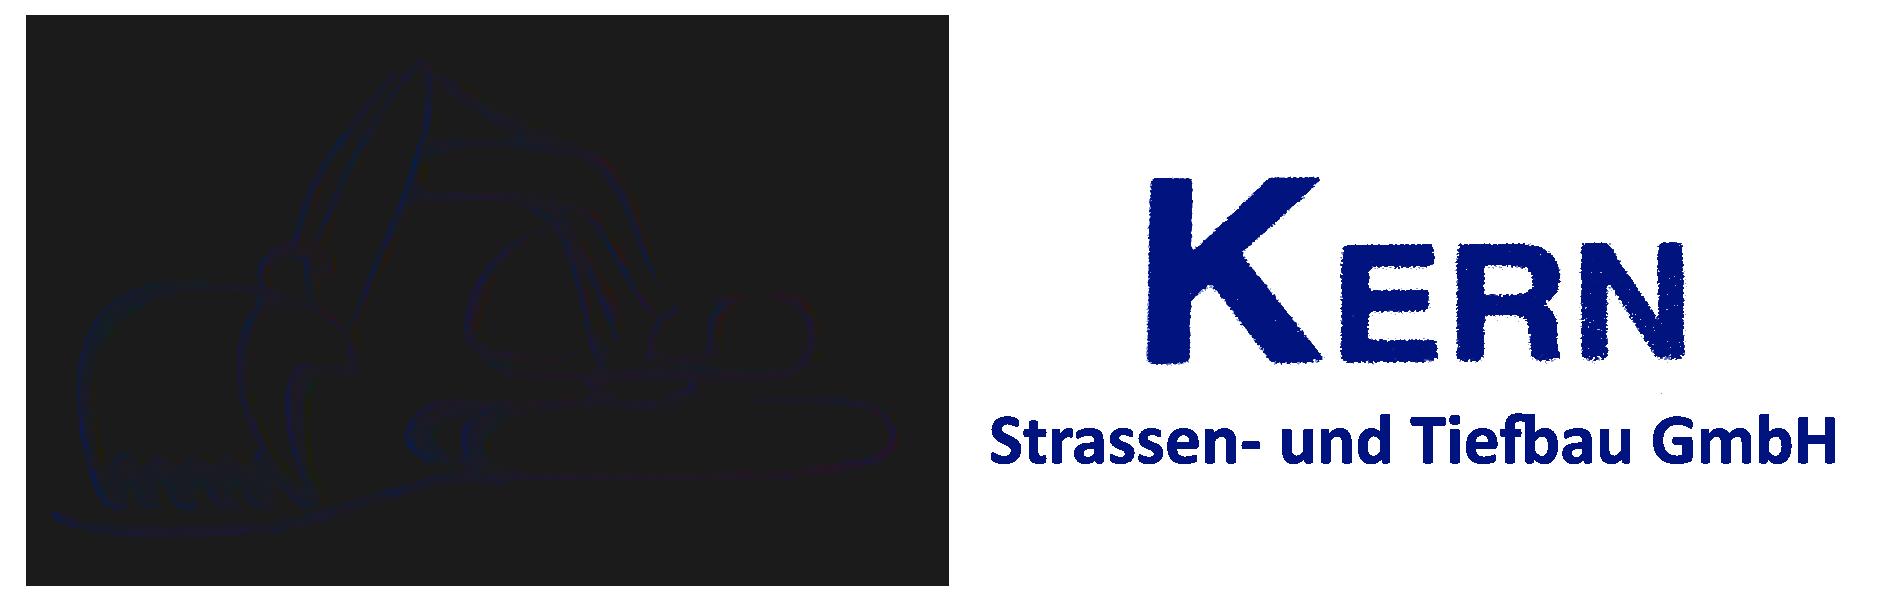 Kern GmbH - Altenburg Logo